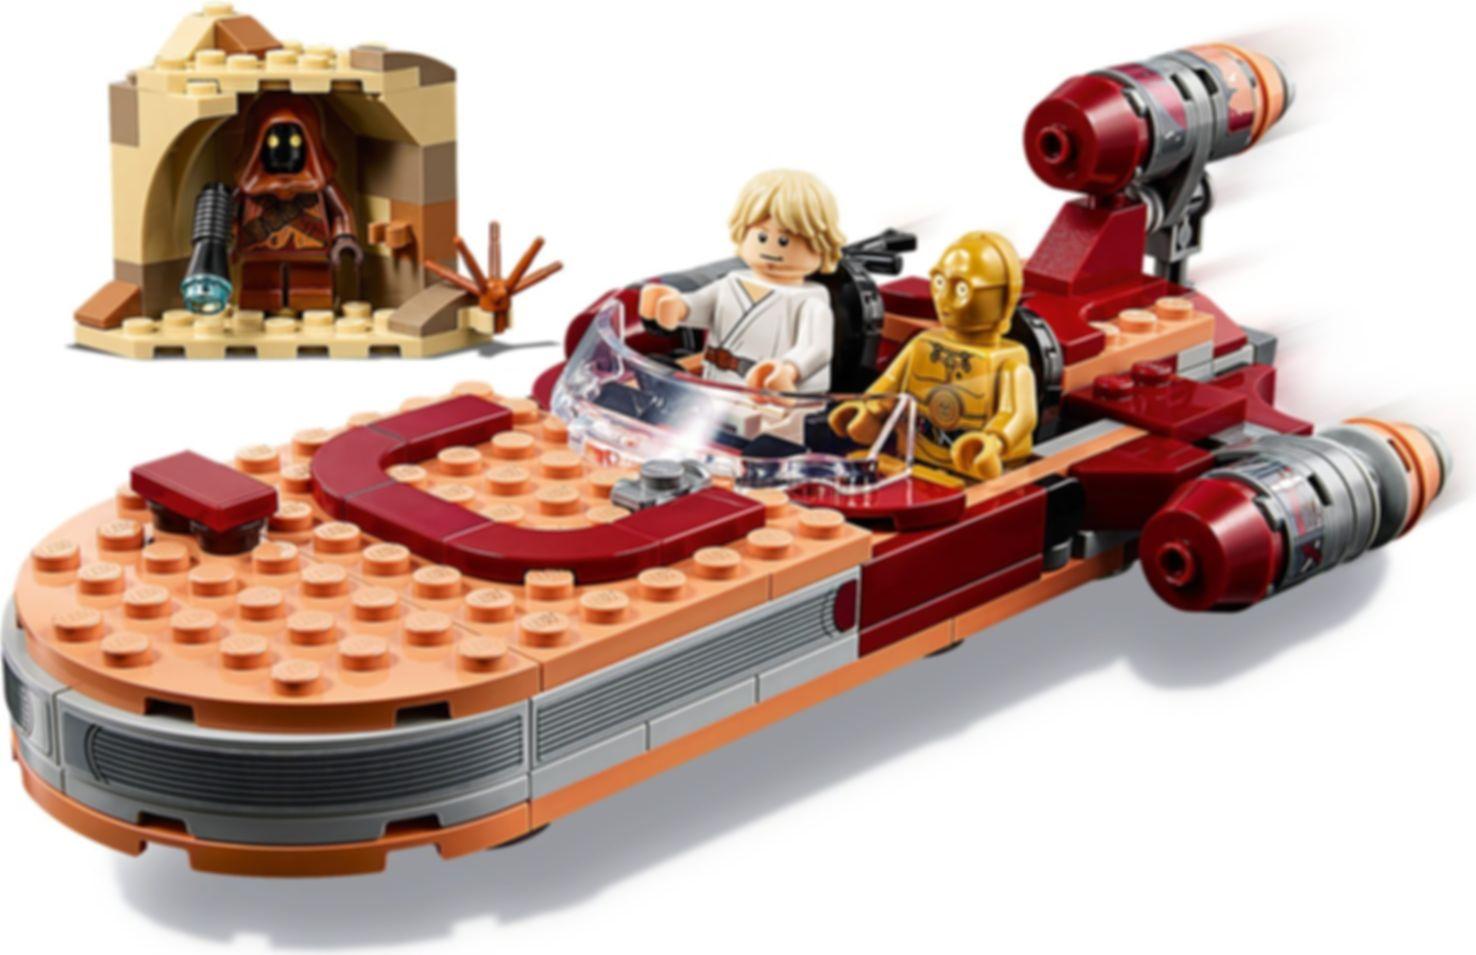 LEGO® Star Wars Luke Skywalker's Landspeeder™ gameplay